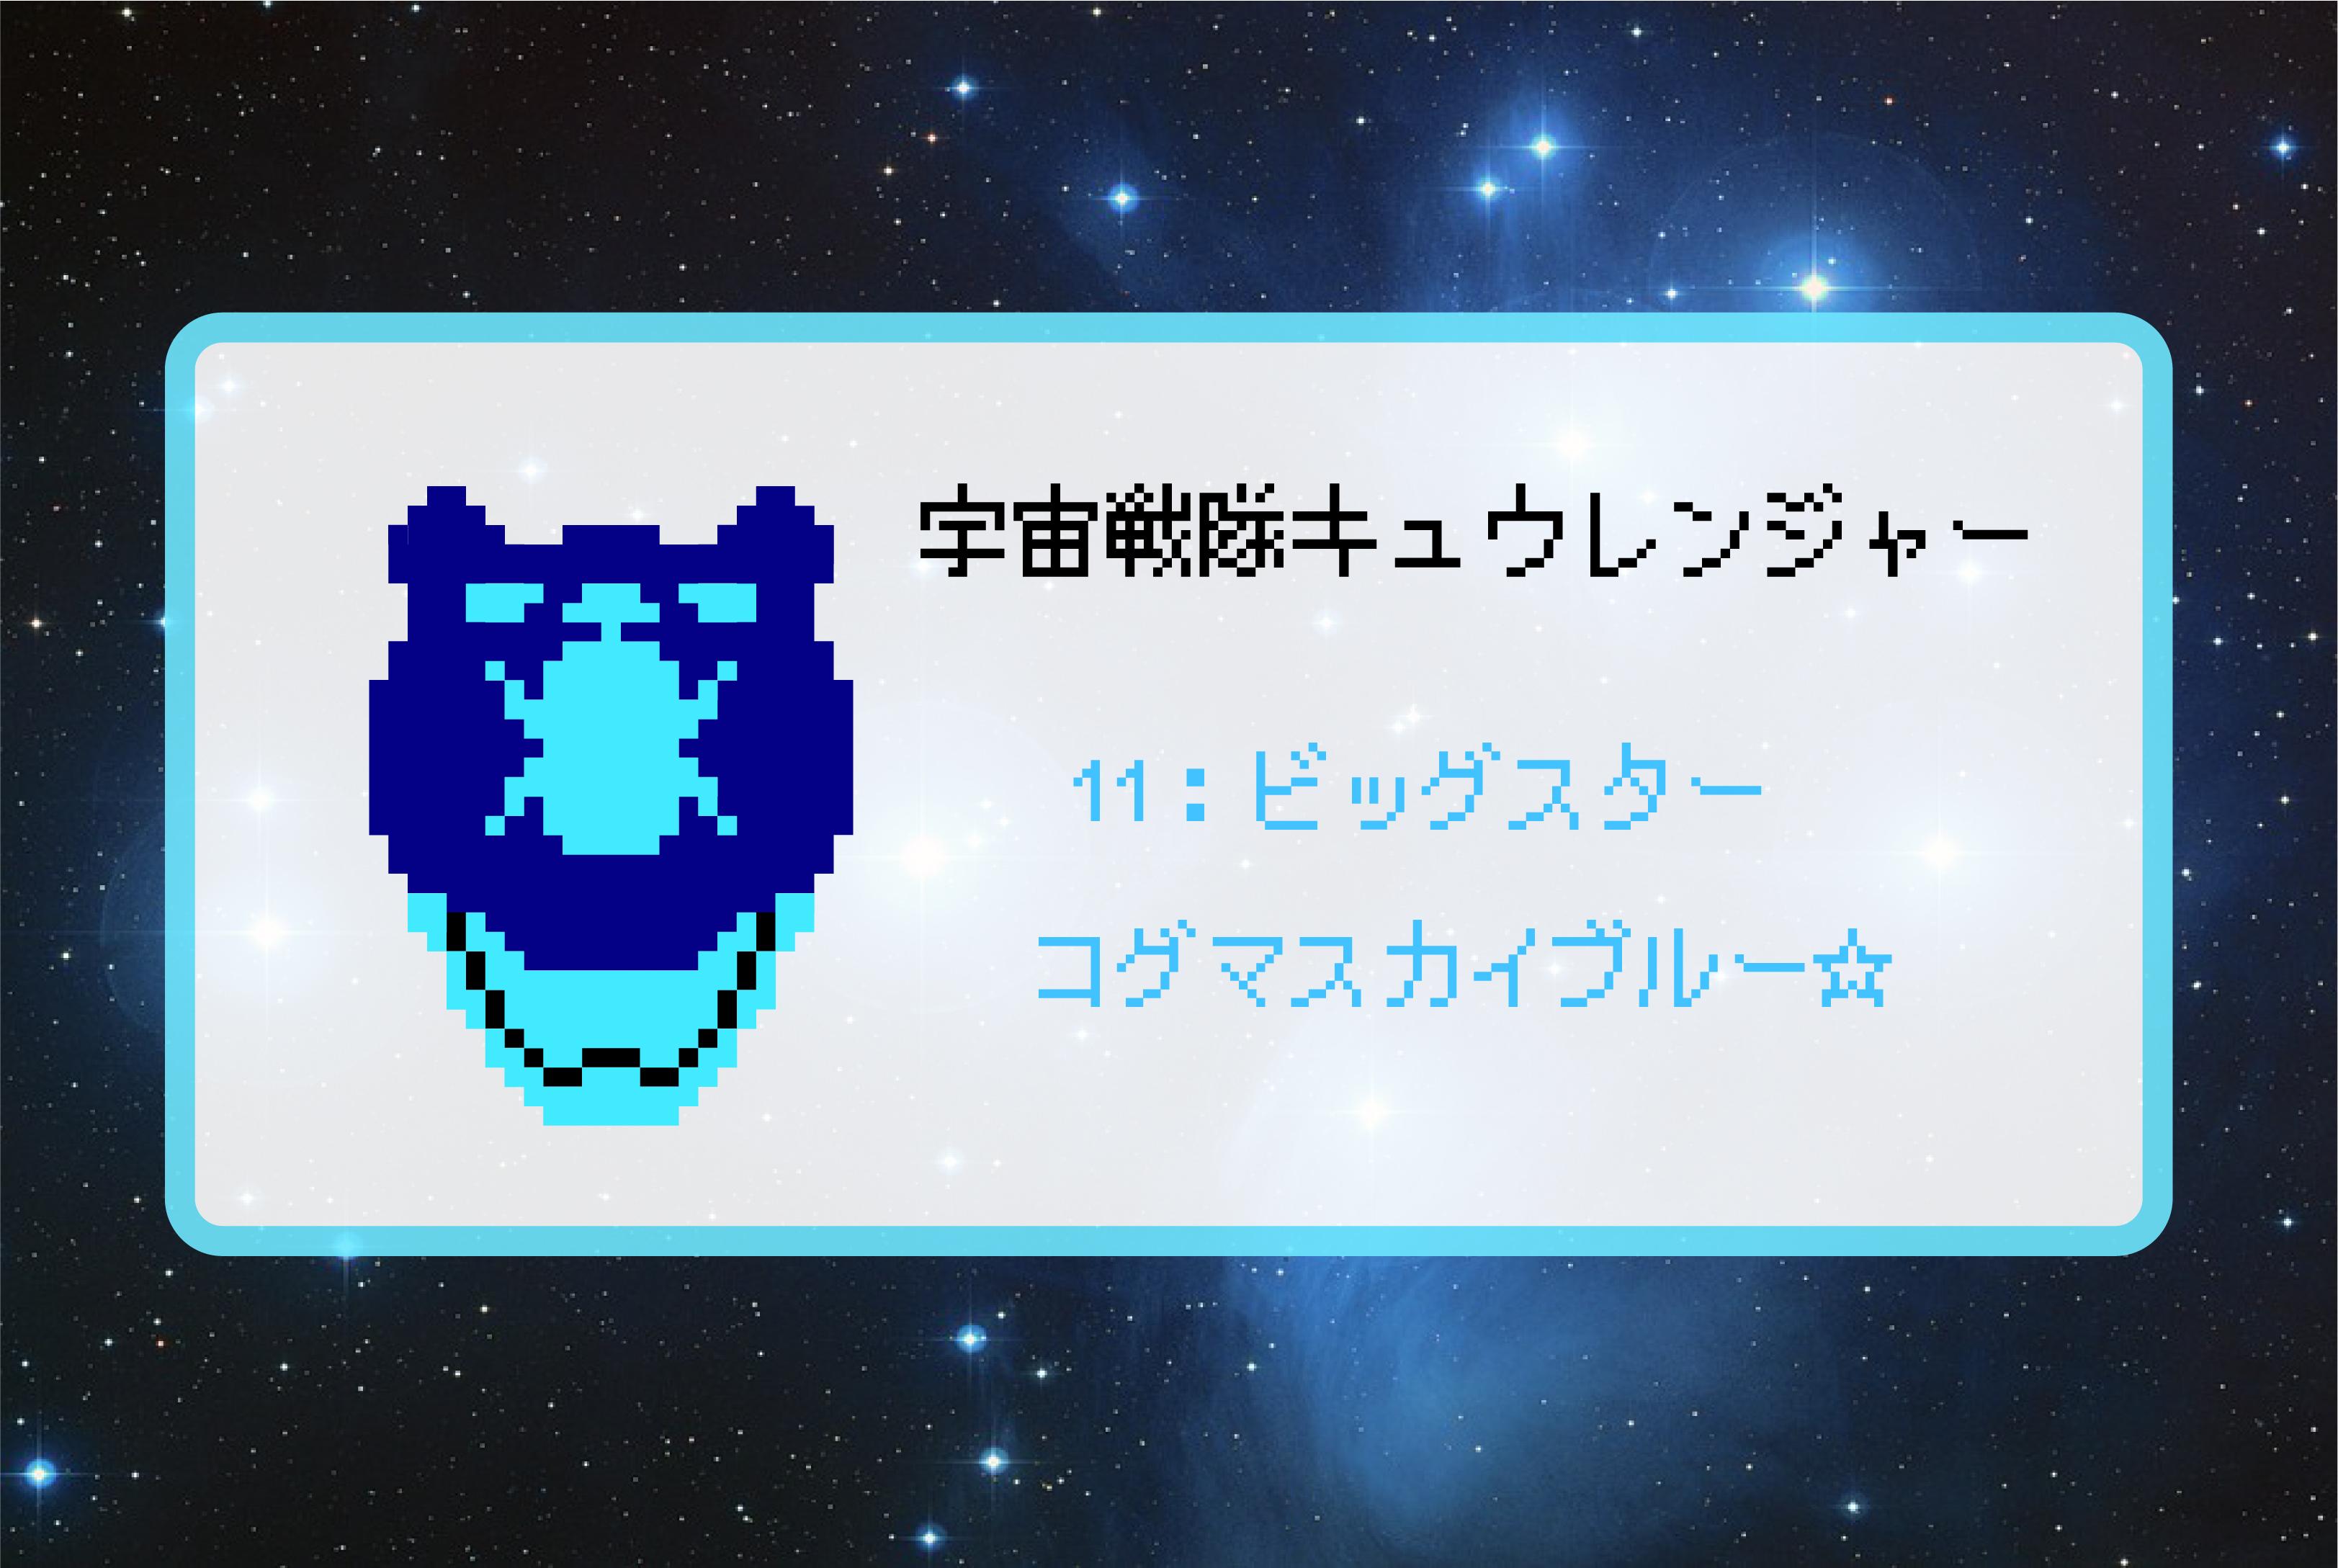 【宇宙戦隊キュウレンジャー】コグマスカイブルーのアイロンビーズ図案